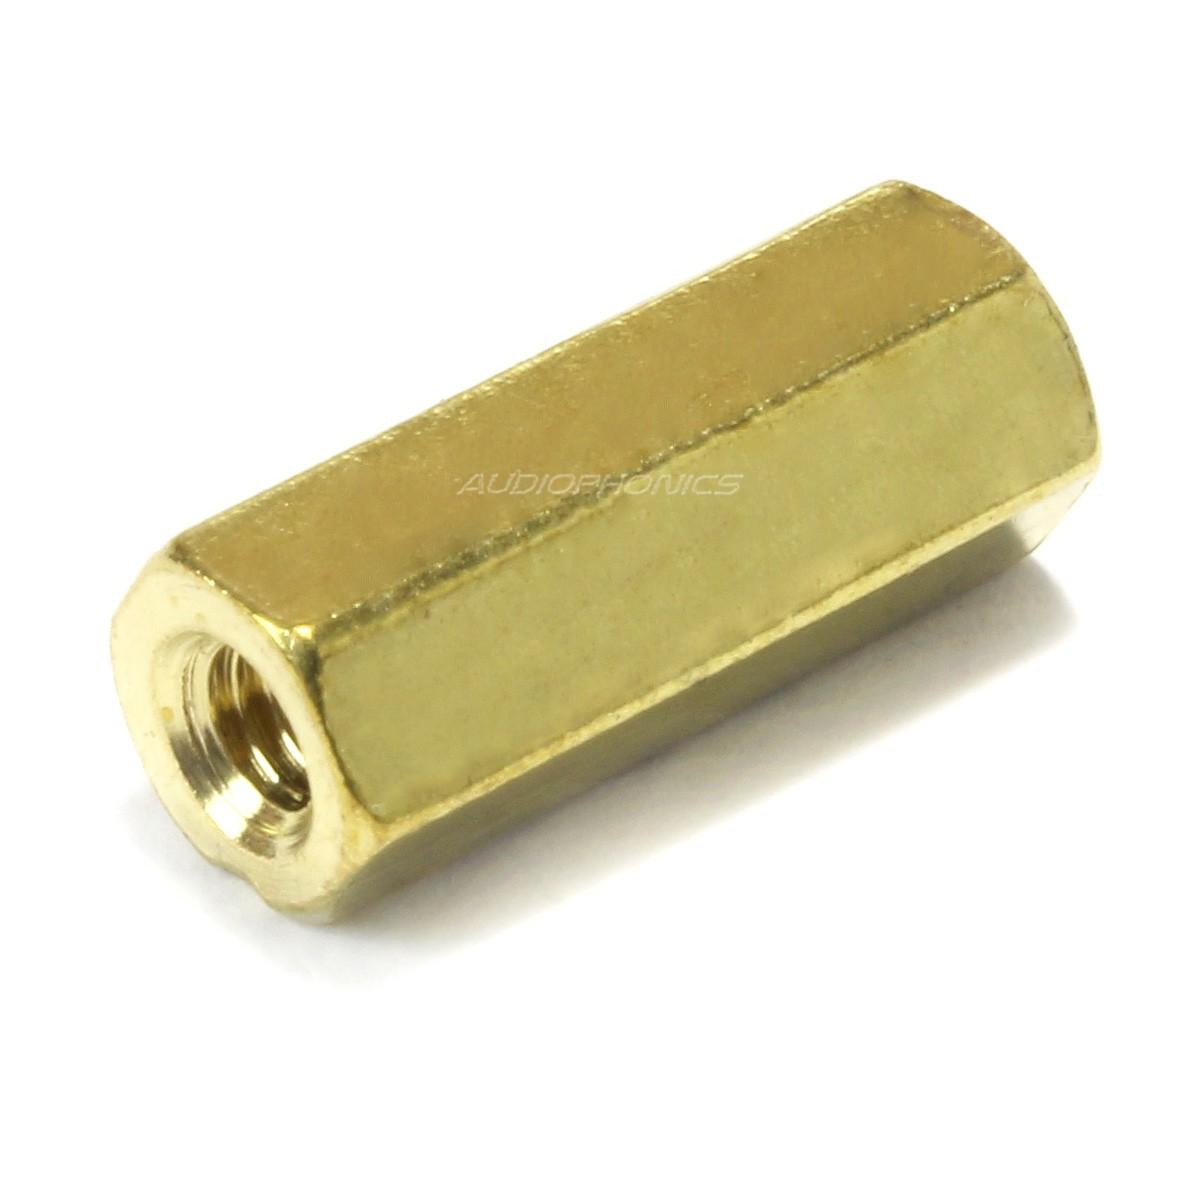 Brass Spacers Female / Female M2.5x12mm (x10)